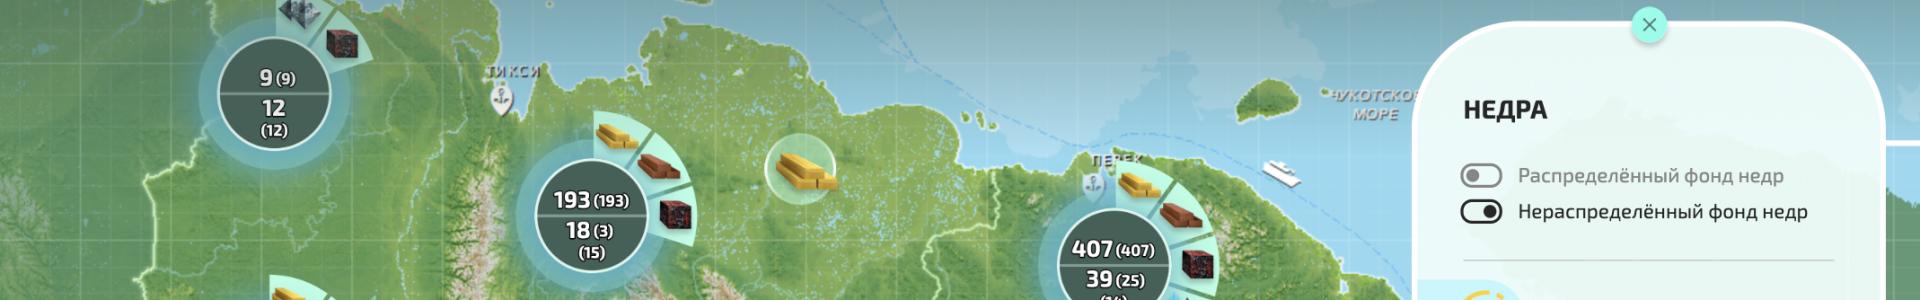 Карта недропользования Дальнего Востока: кадастр месторождений, прогнозные ресурсы, участки недр к лицензированию, лицензии на Портале Минприроды России